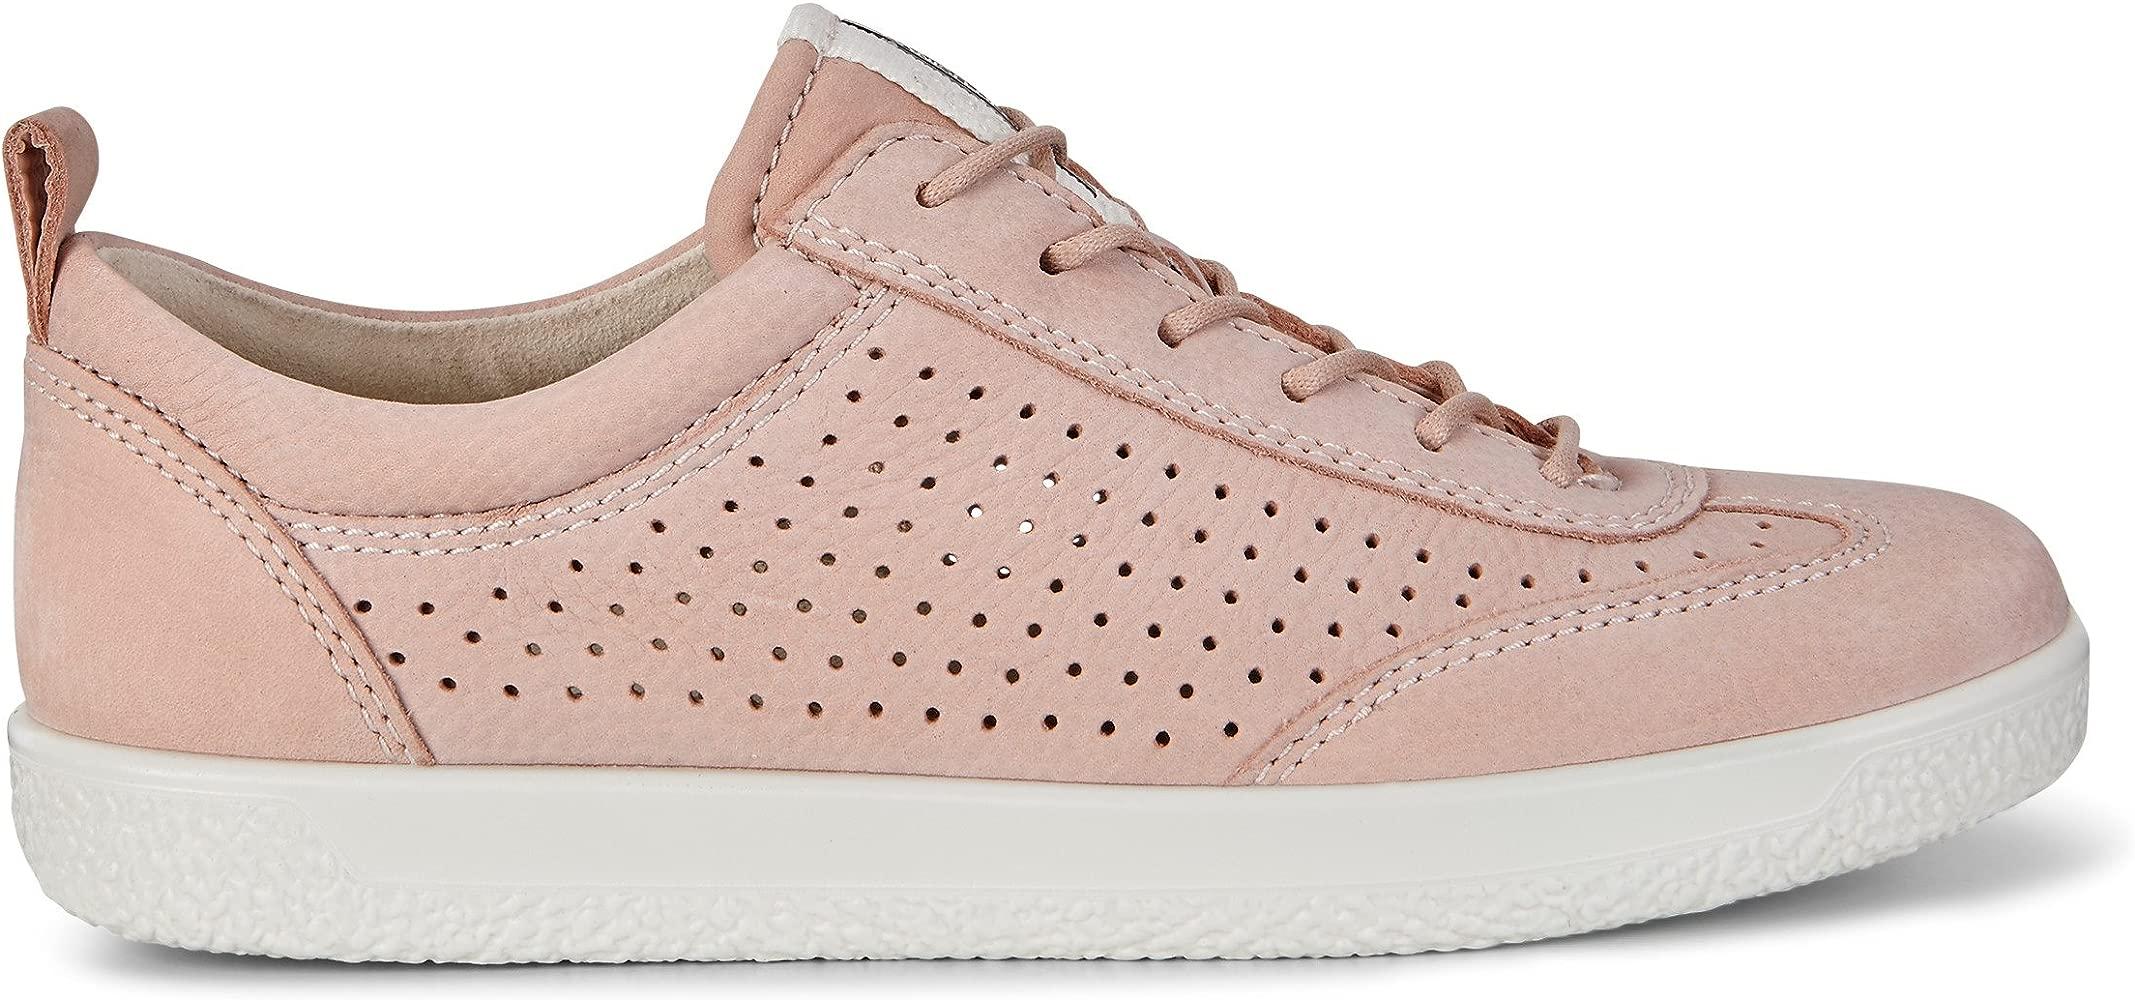 Damen Soft 1 400533 Sneaker